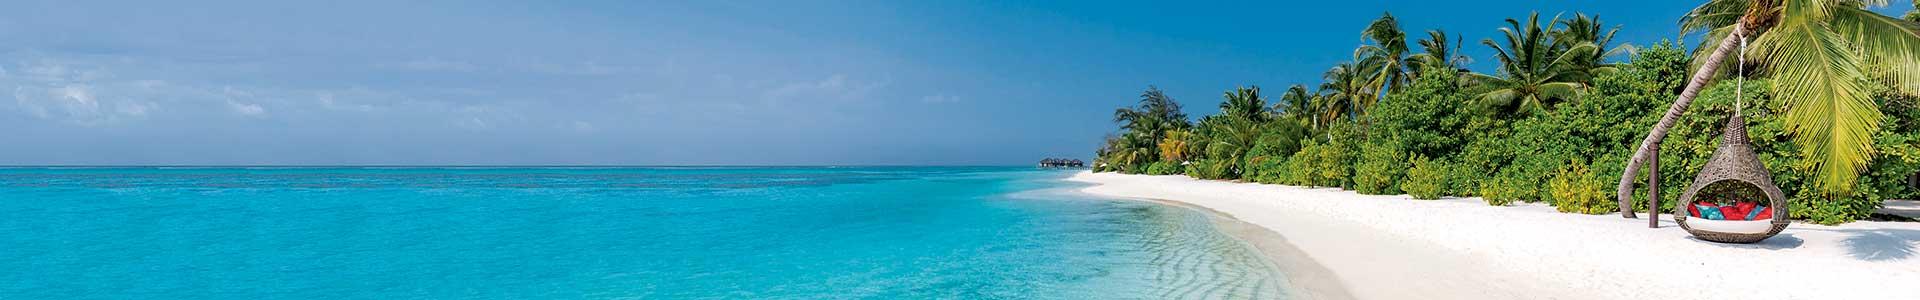 Voyage aux Maldives - TUI